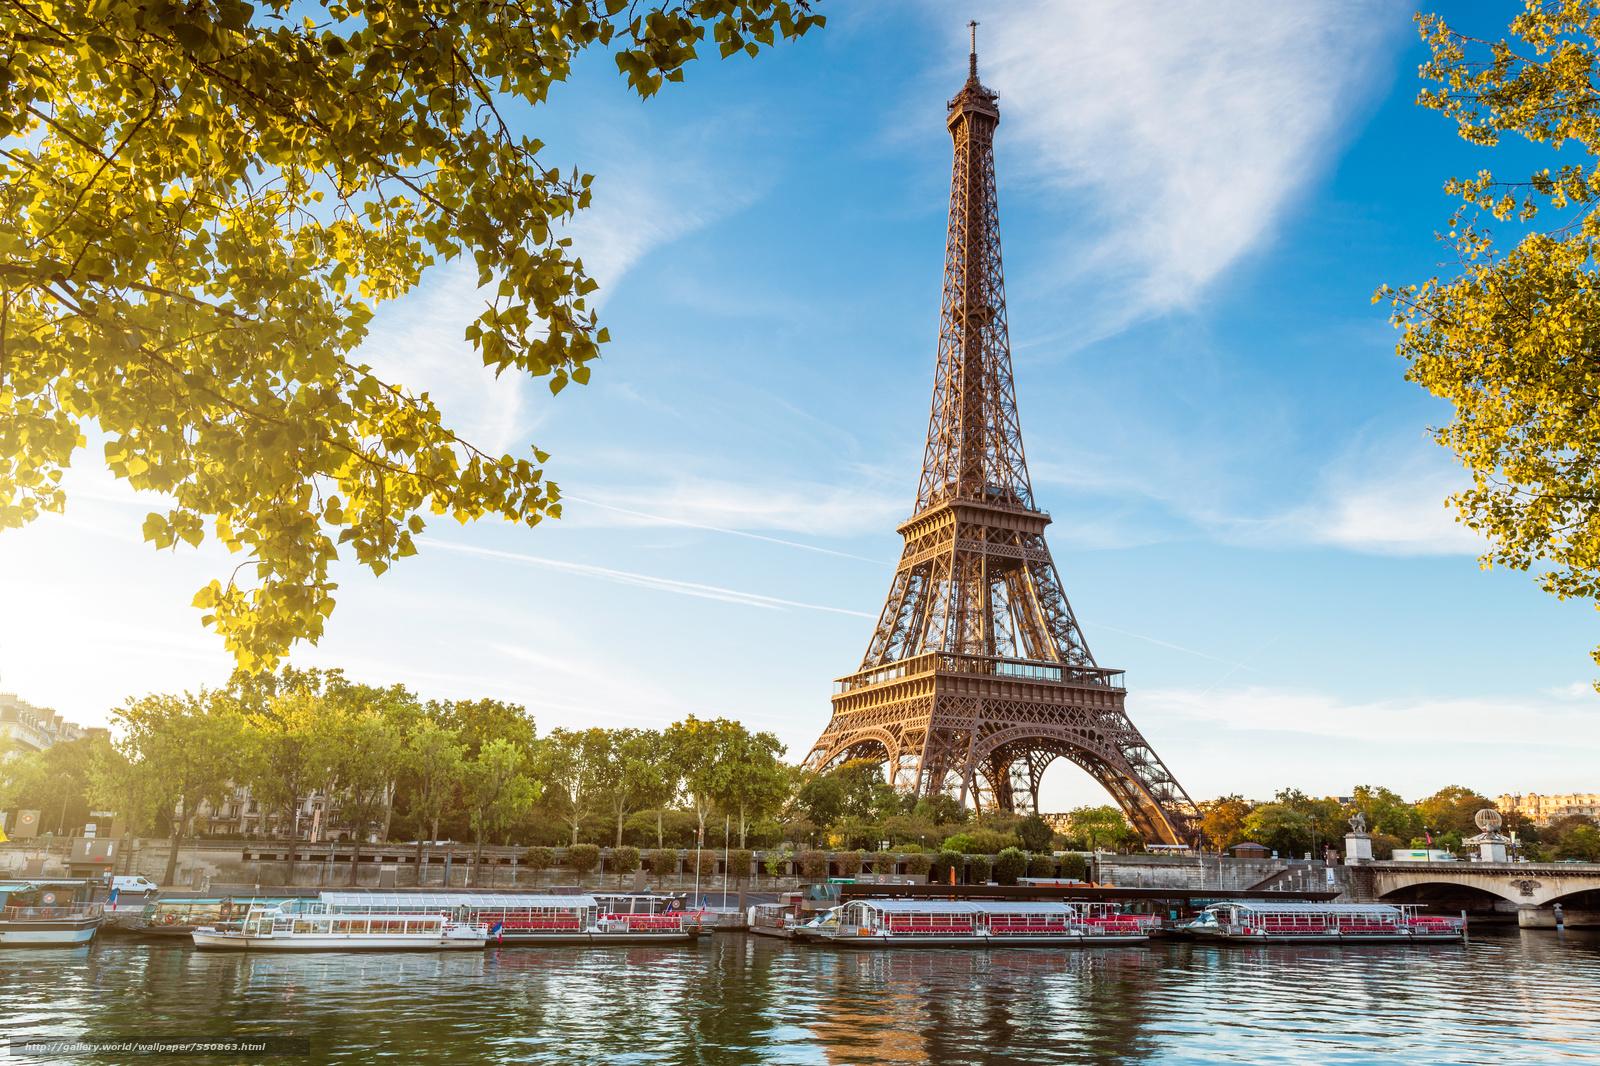 Scaricare gli sfondi senna parigi parigi la tour eiffel for Parigi travel tour